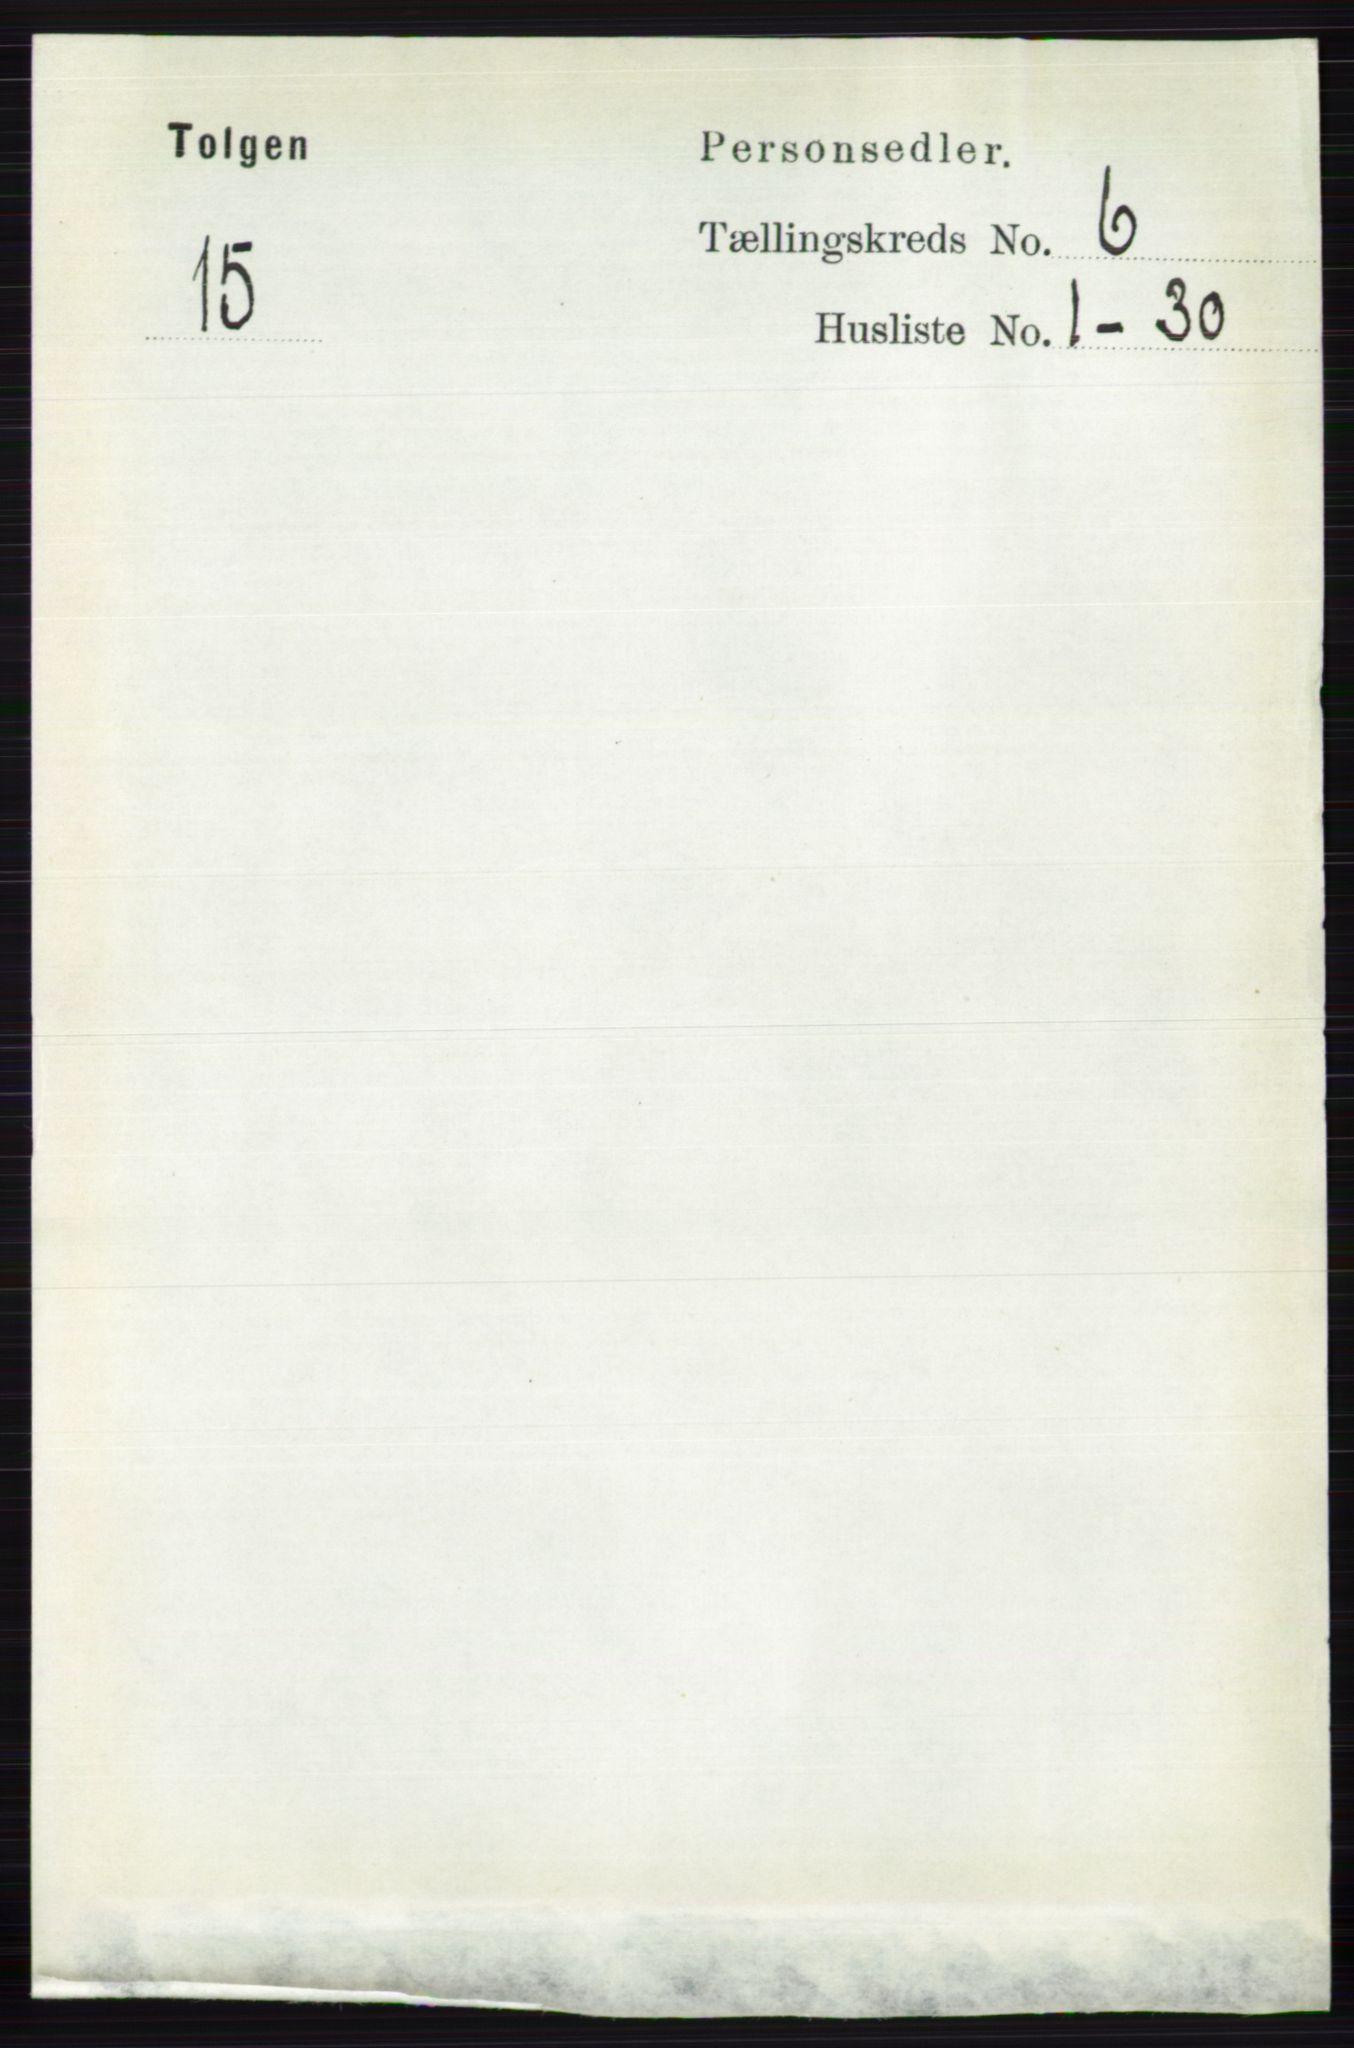 RA, Folketelling 1891 for 0436 Tolga herred, 1891, s. 1644